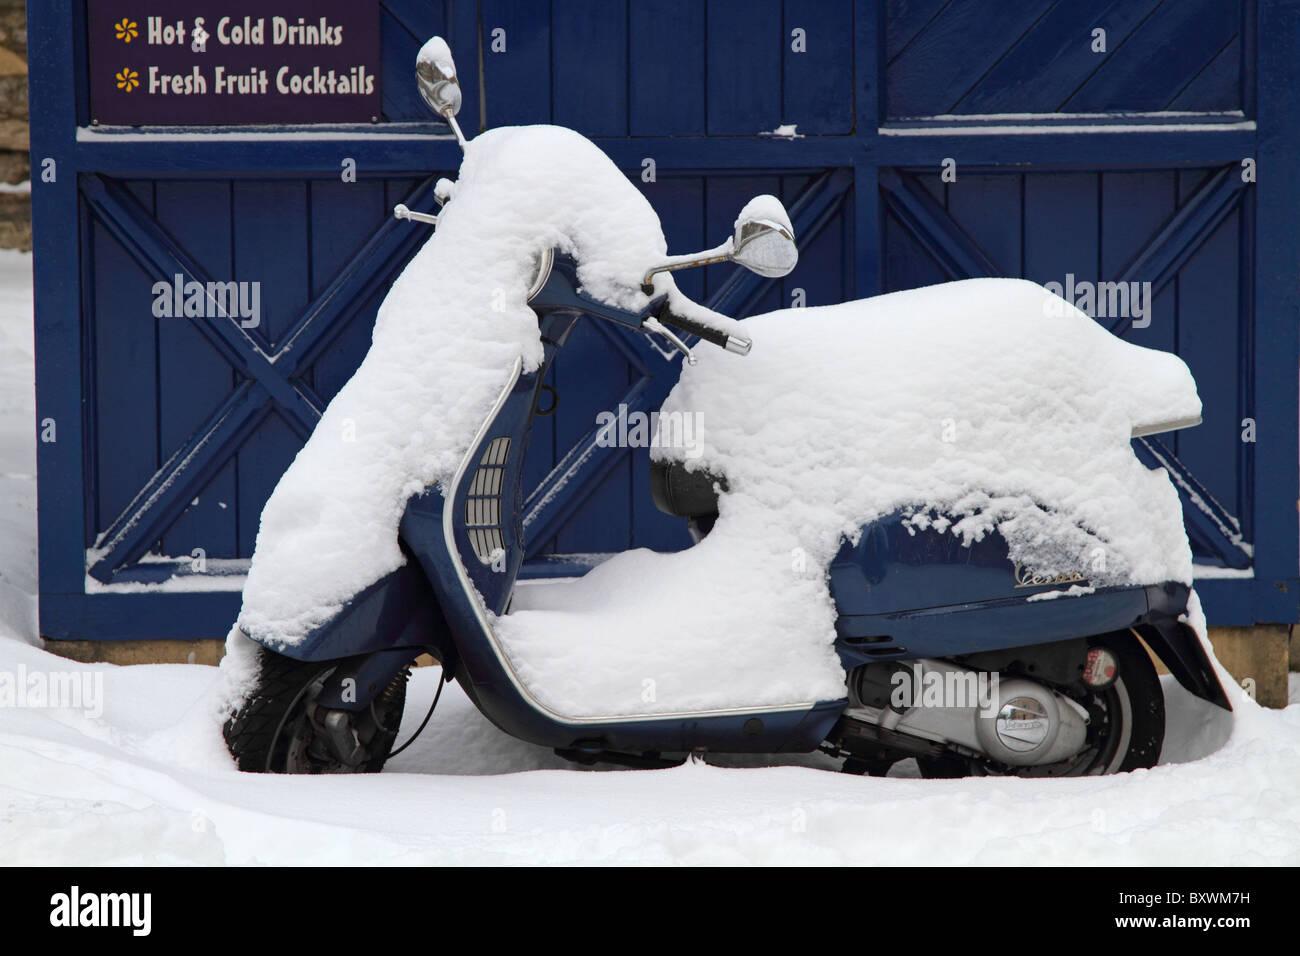 Snowy scooter Vespa moto da neve veicolo neve invernale Immagini Stock